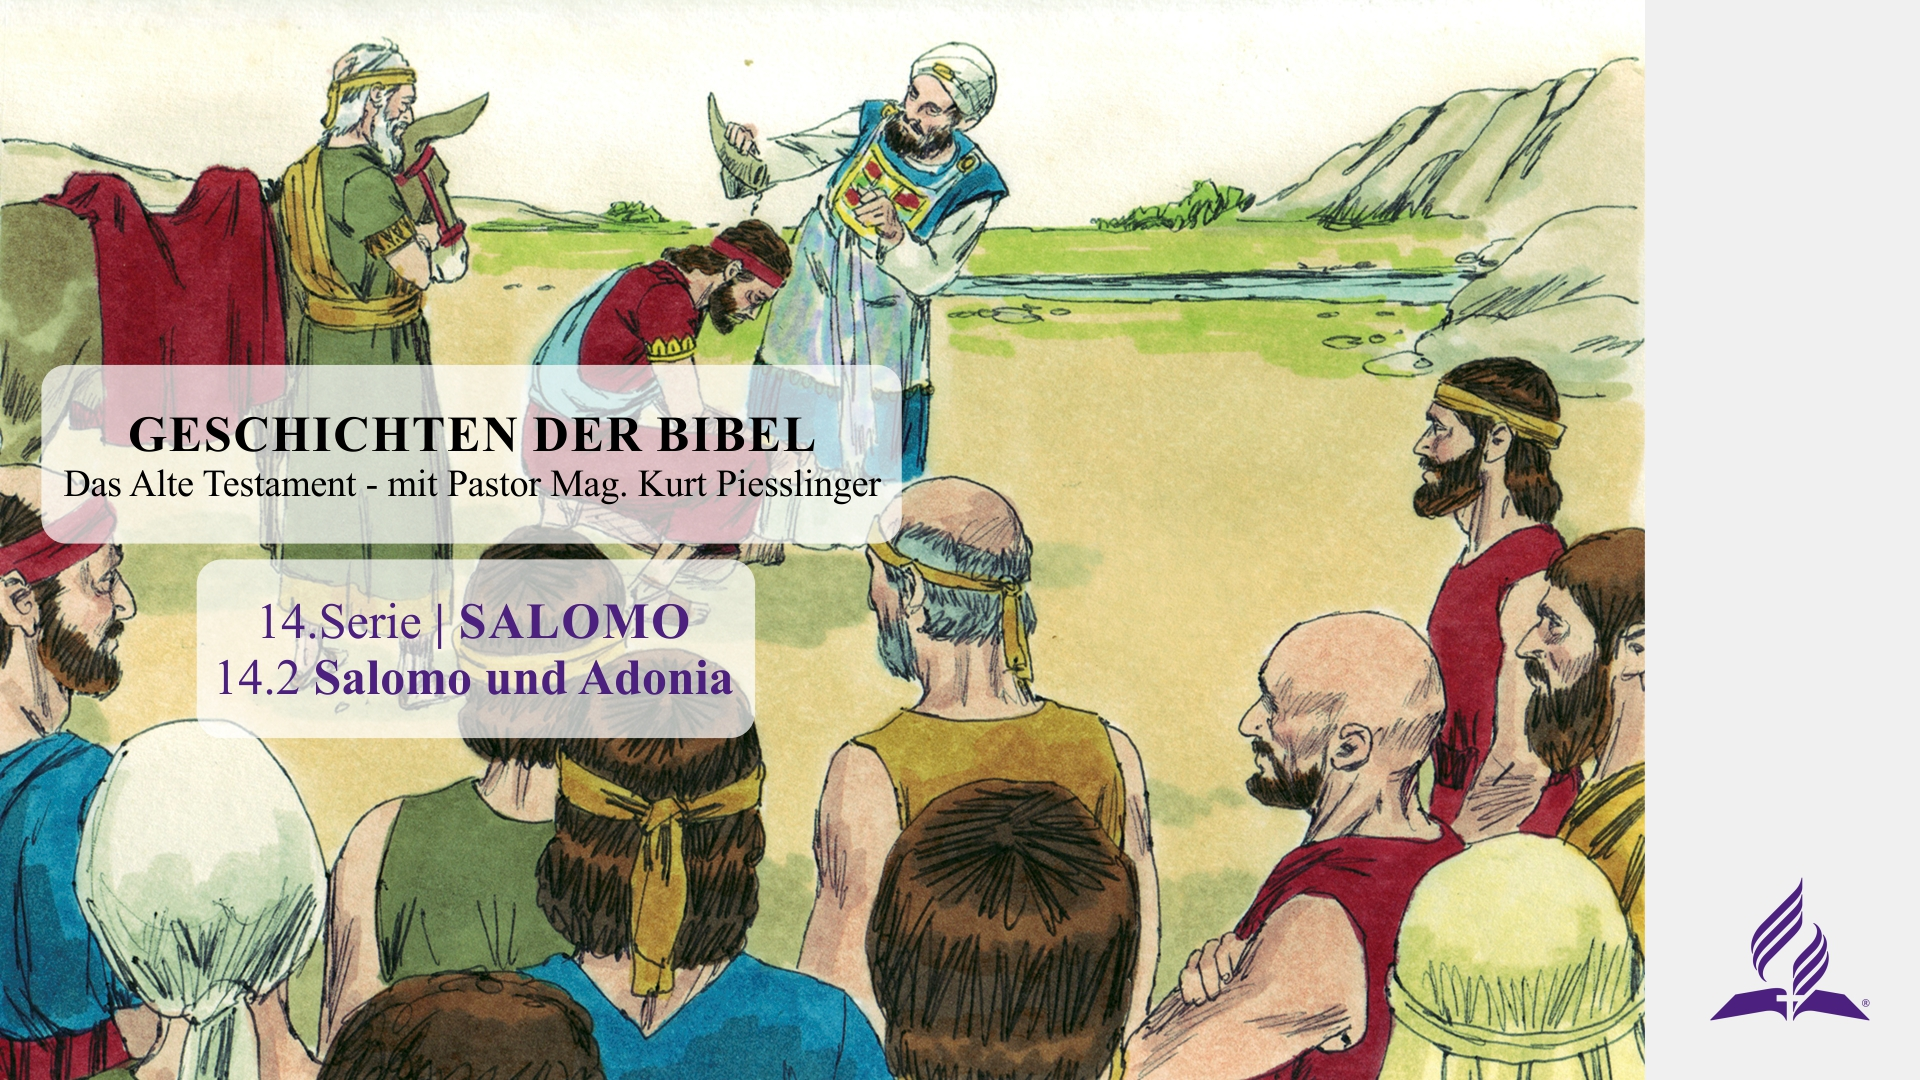 GESCHICHTEN DER BIBEL: 14.2 Salomo und Adonia – 14.SALOMO | Pastor Mag. Kurt Piesslinger